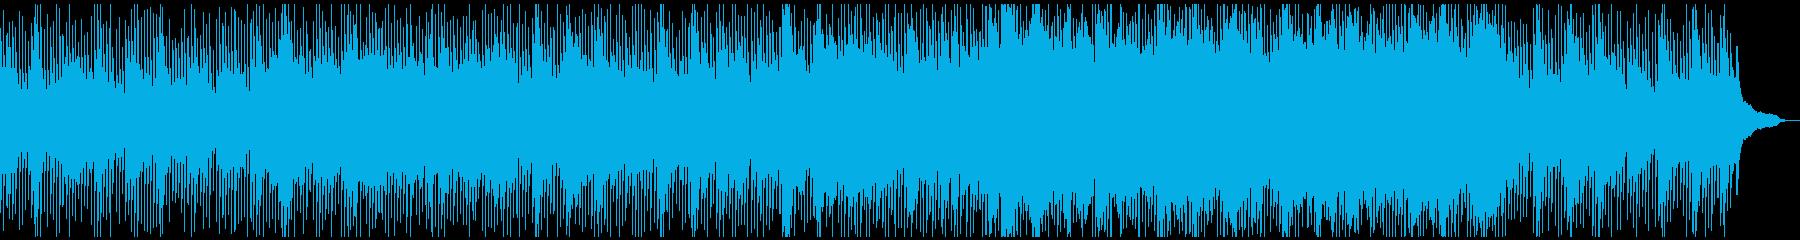 モダンな暖かいアコースティック曲ミニマルの再生済みの波形